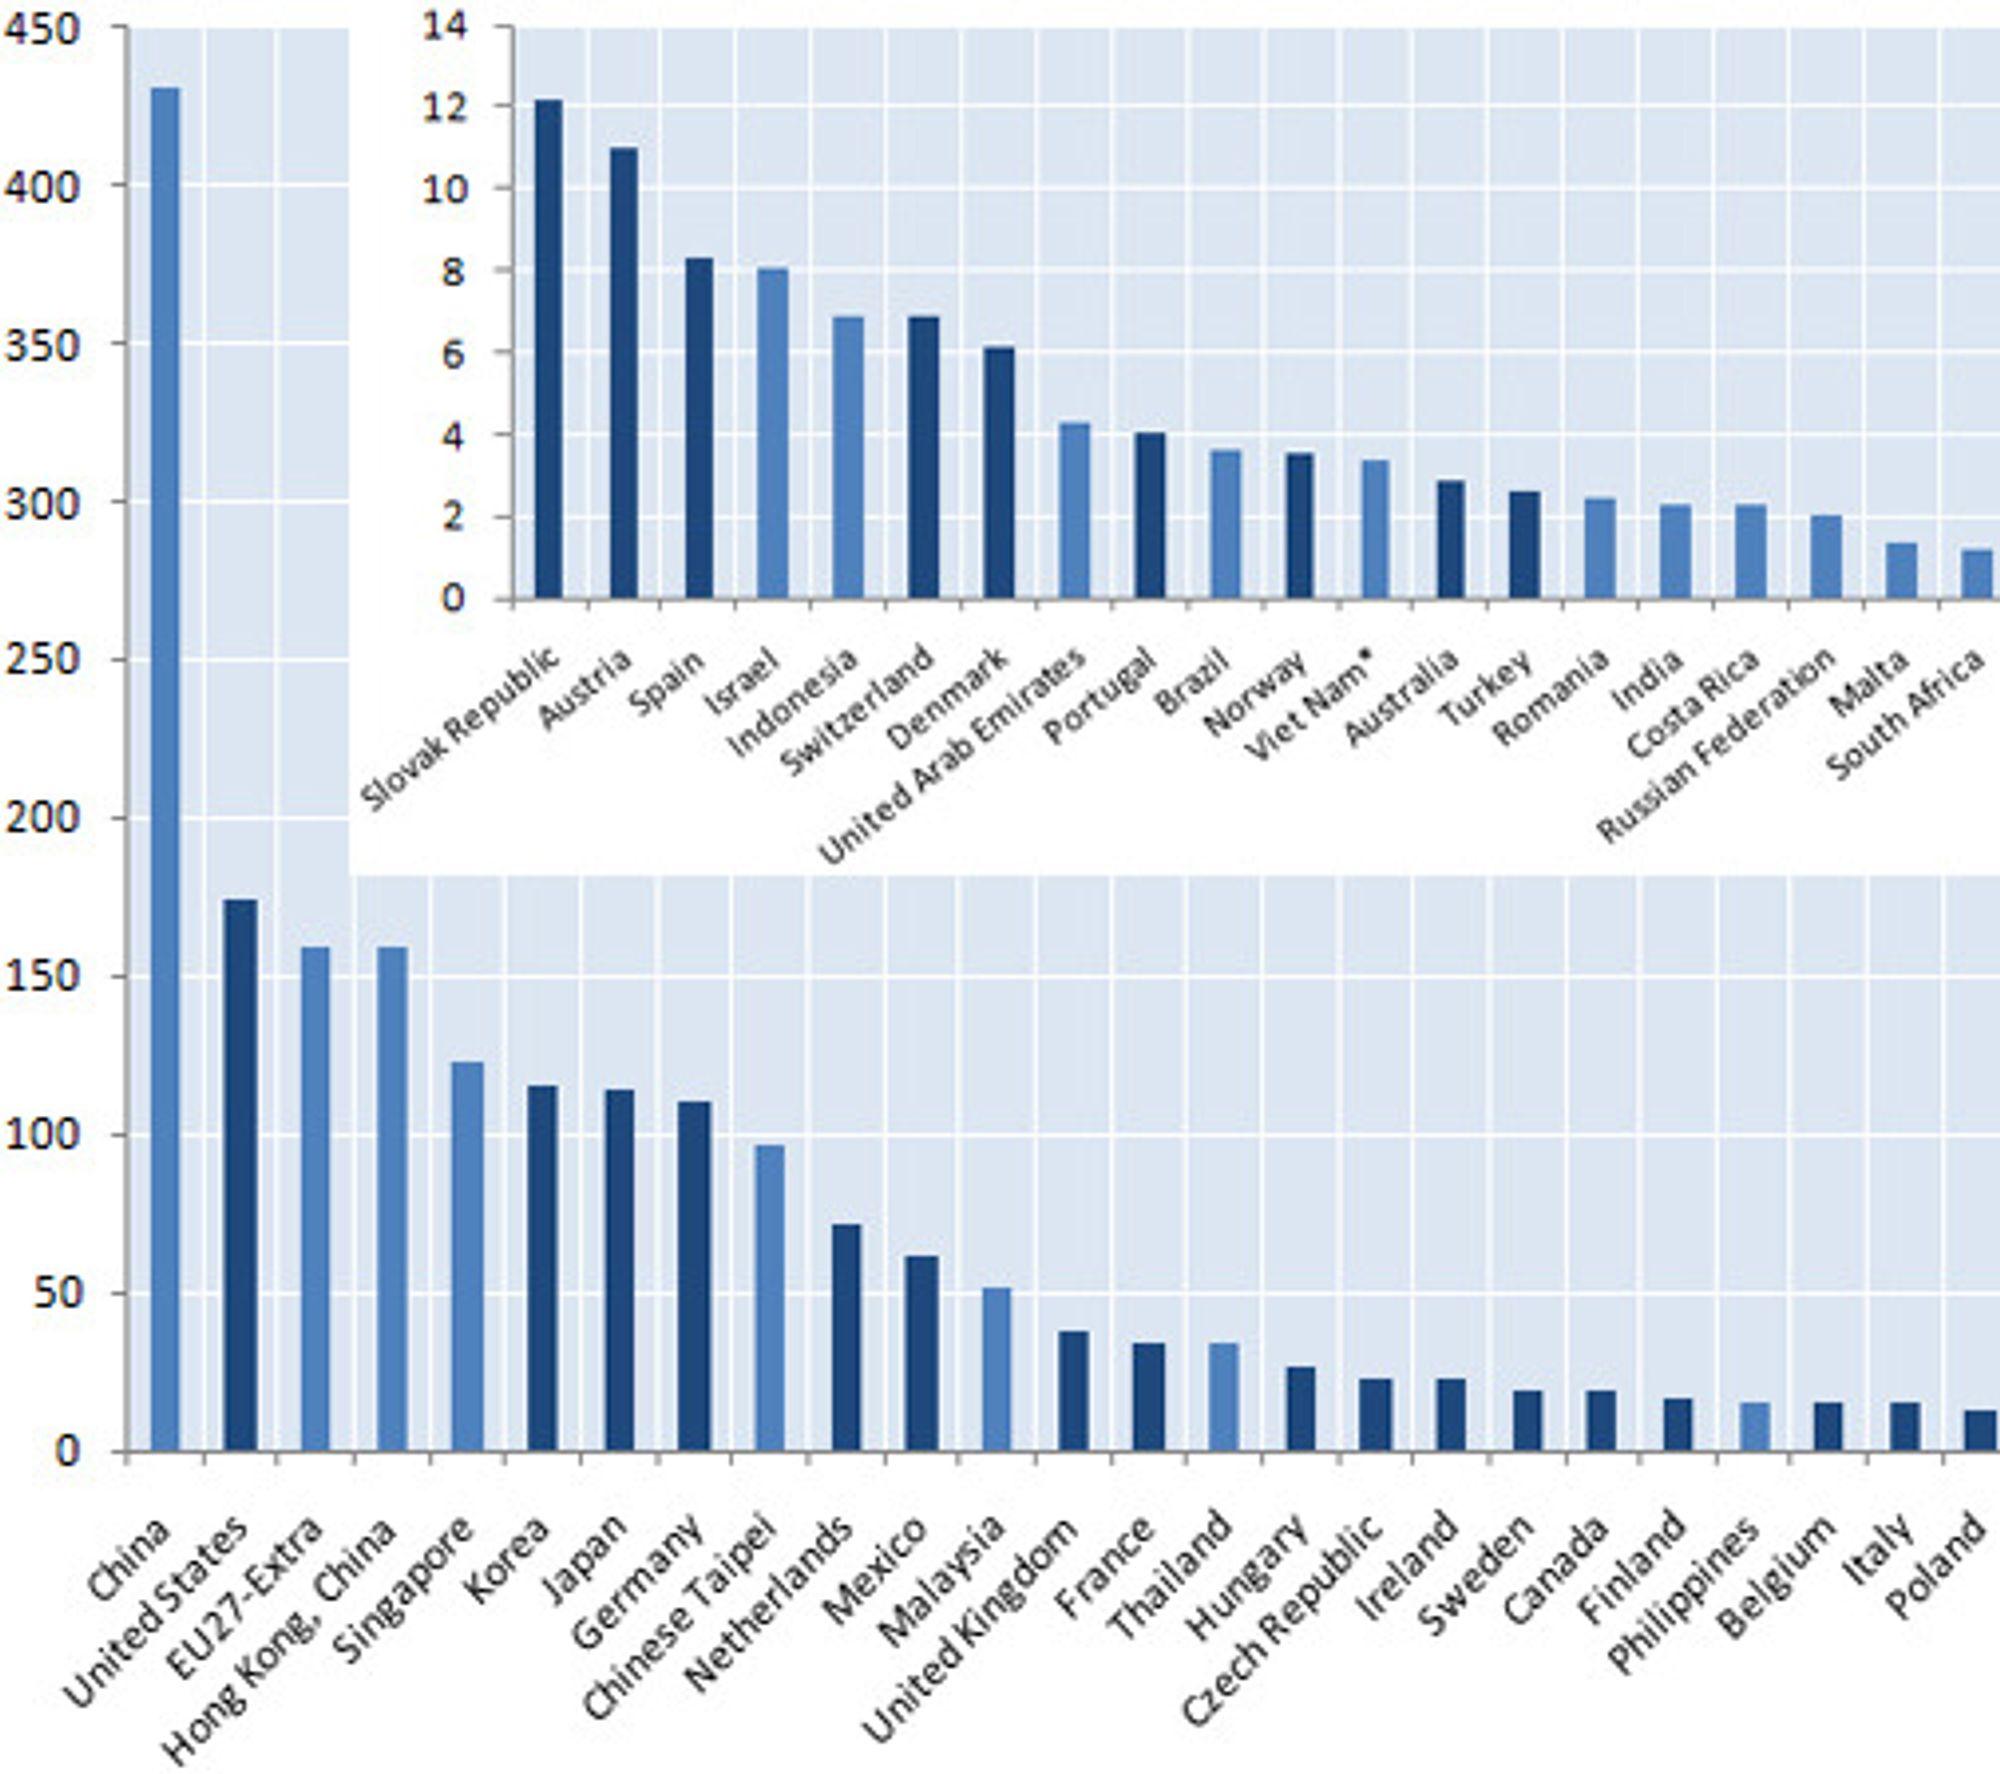 Eksport av IKT-varer i 2008. Merk endringen i skala fra det store til det lille diagrammet.